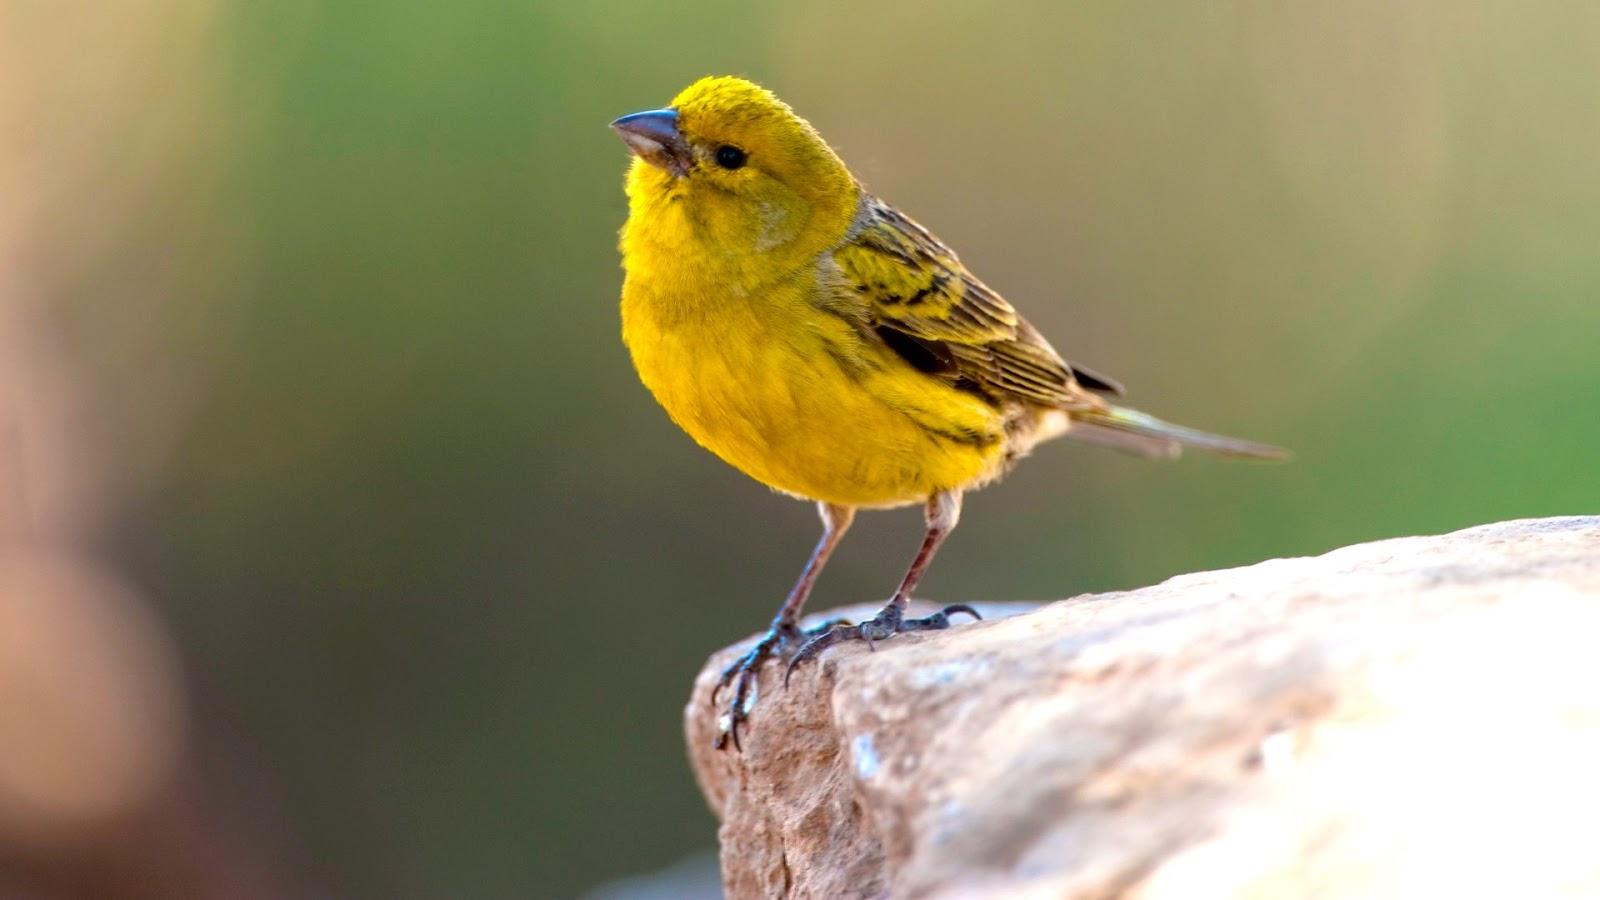 بالصور انواع الكناري , طائر الكناري بانواعه المختلفه 838 5